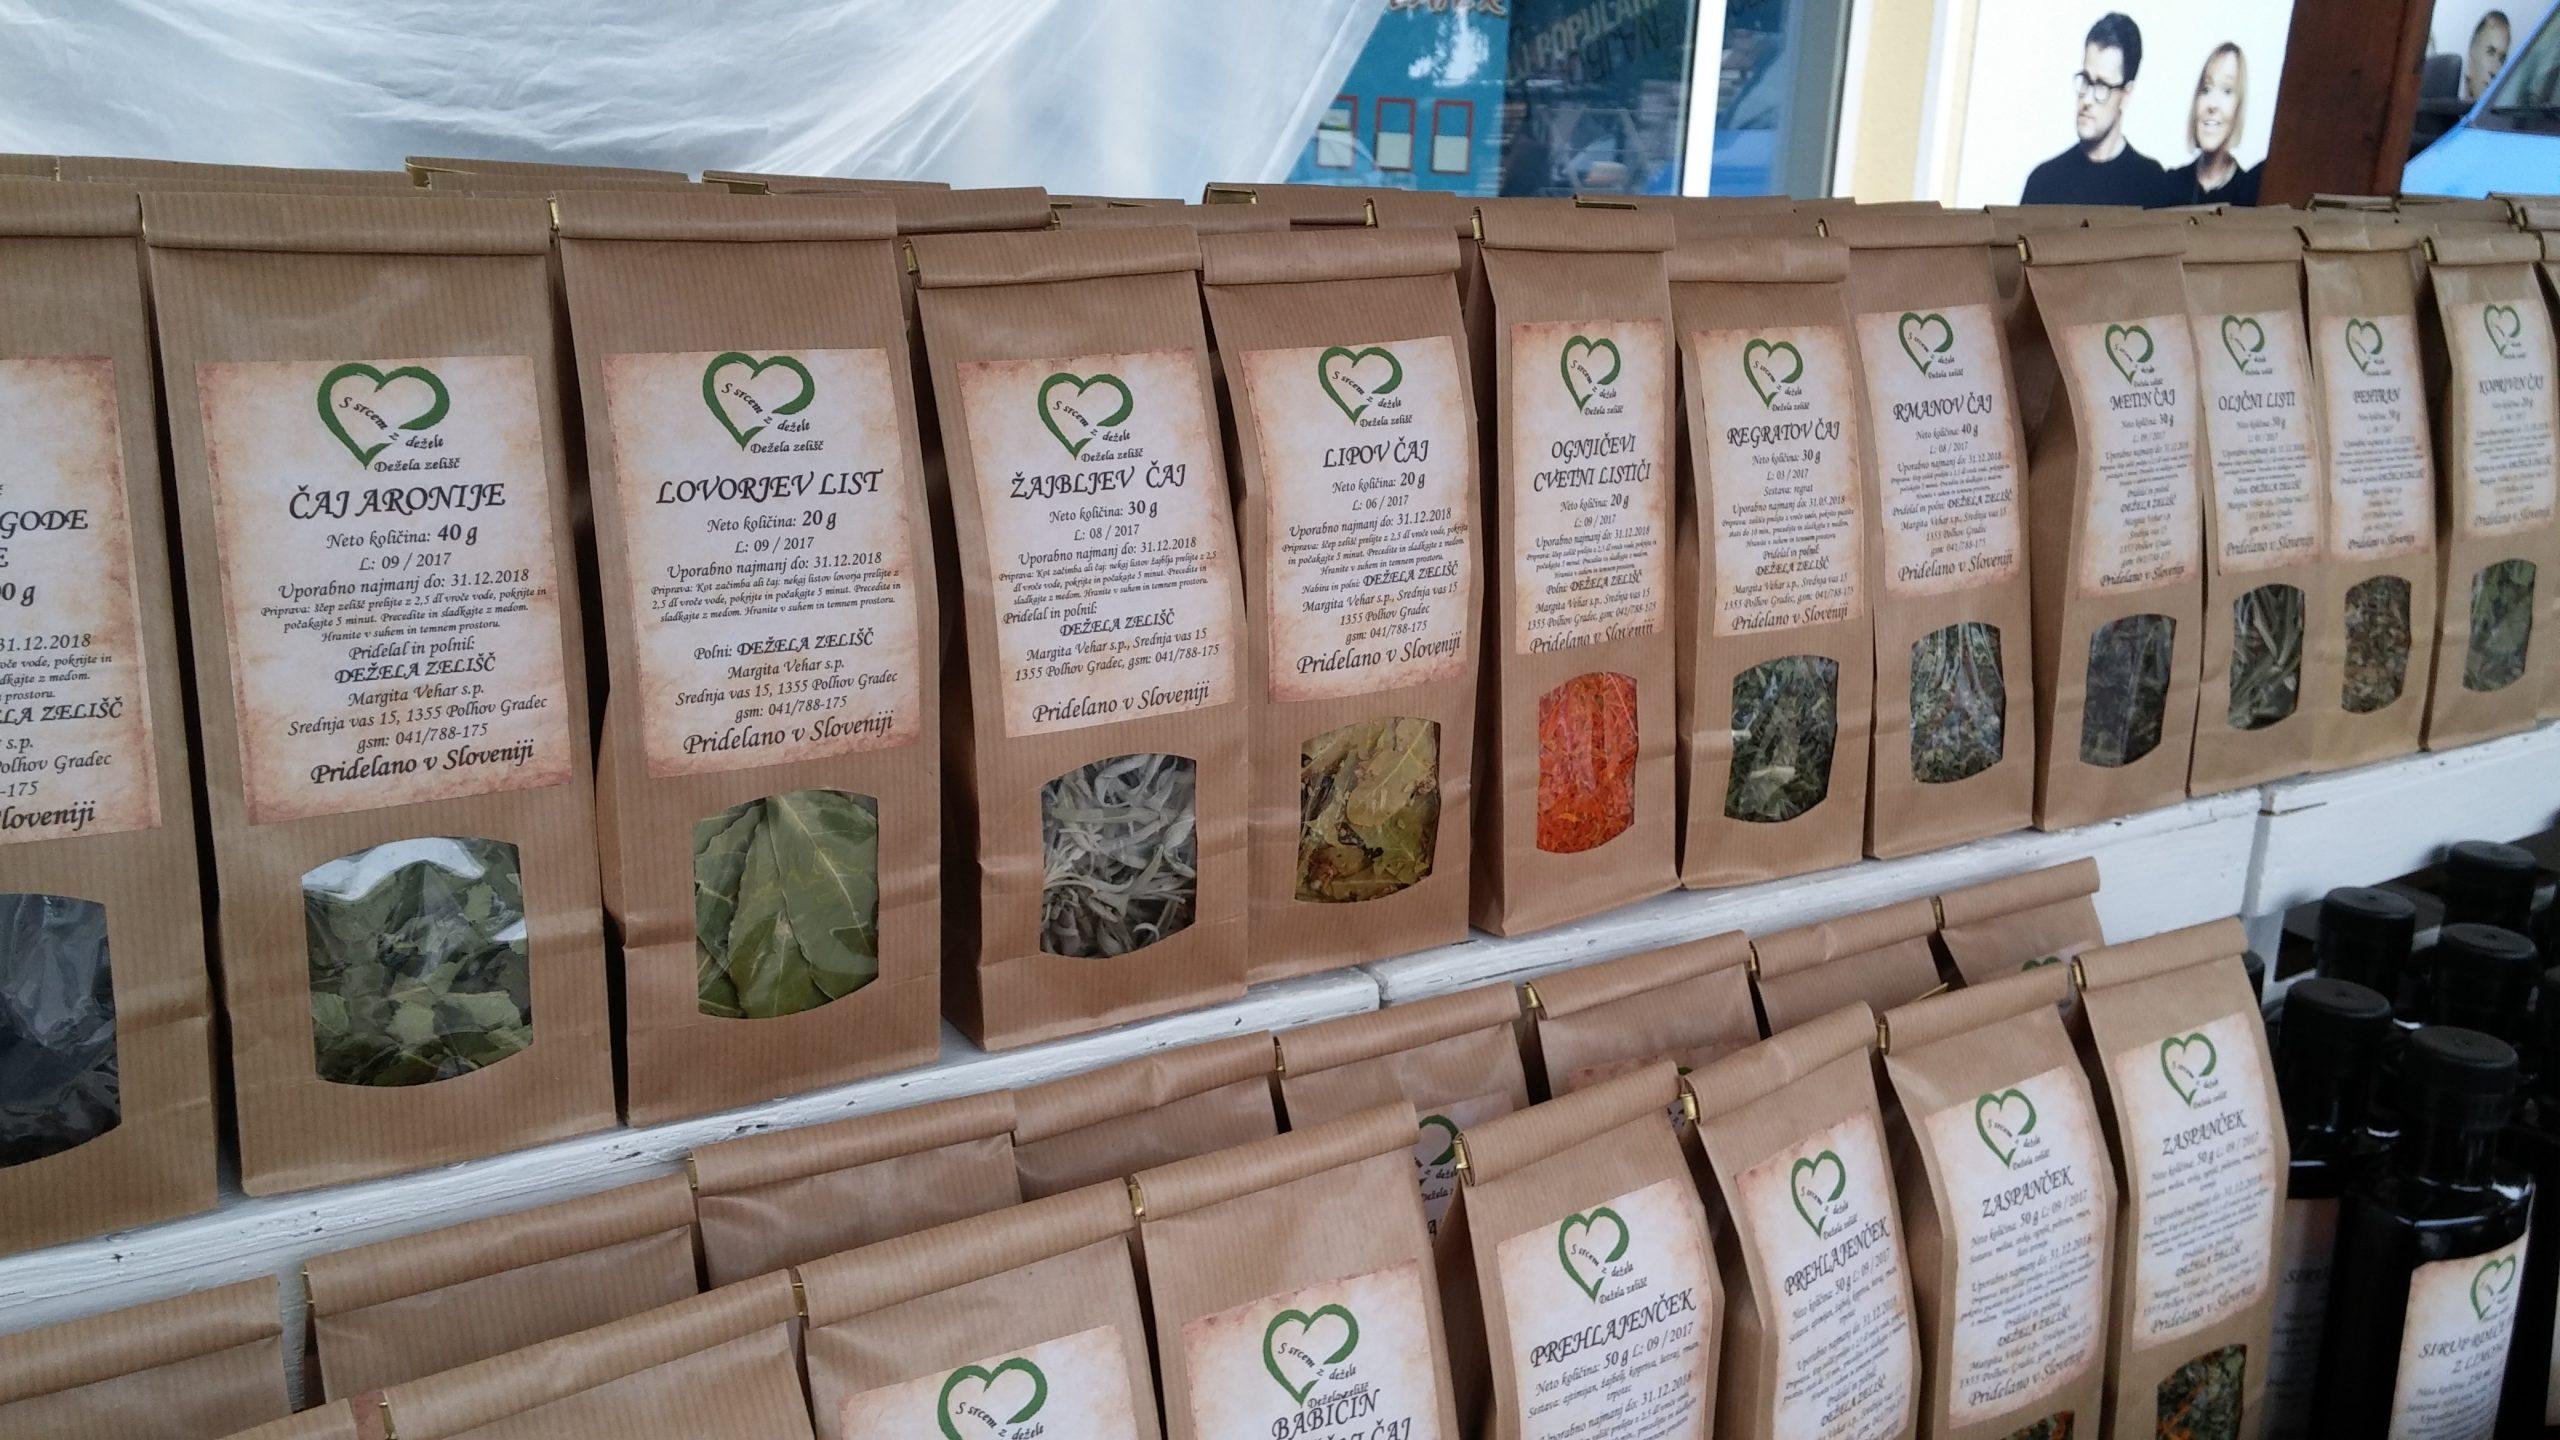 Širok nabor zdravilnih čajev iz Dežele zelišč